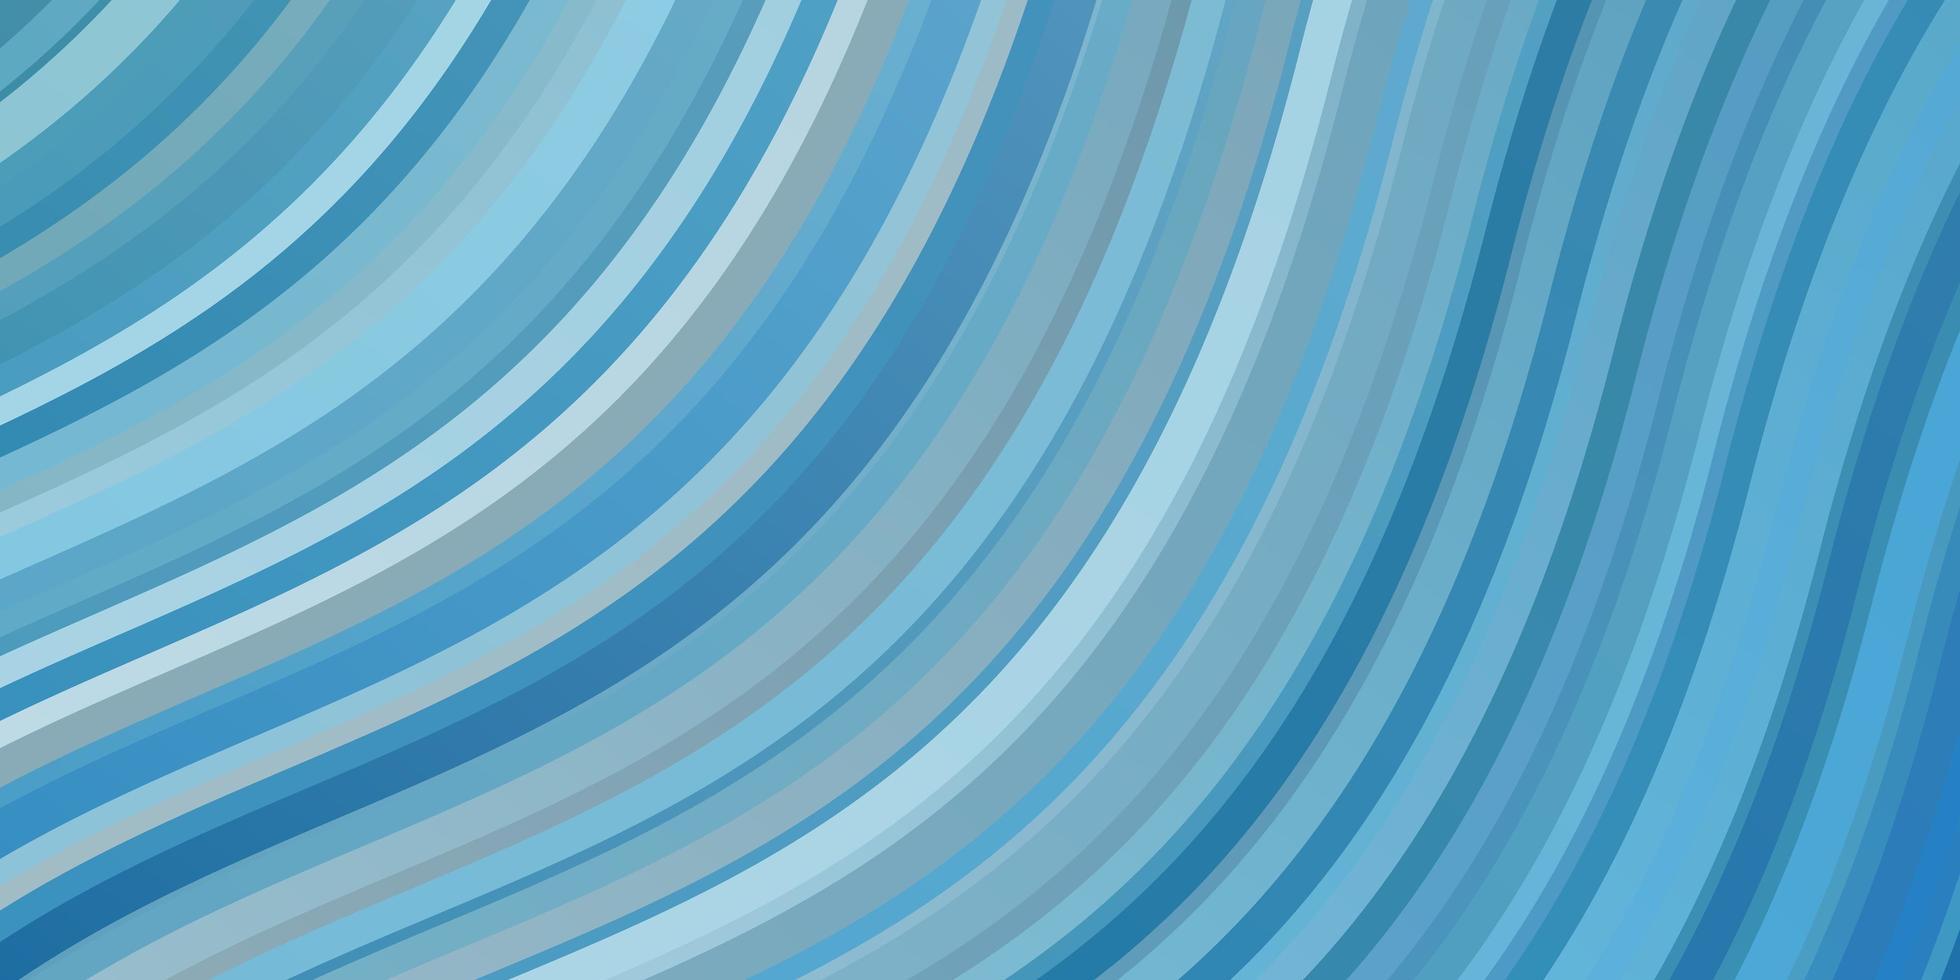 textura azul claro con curvas. vector